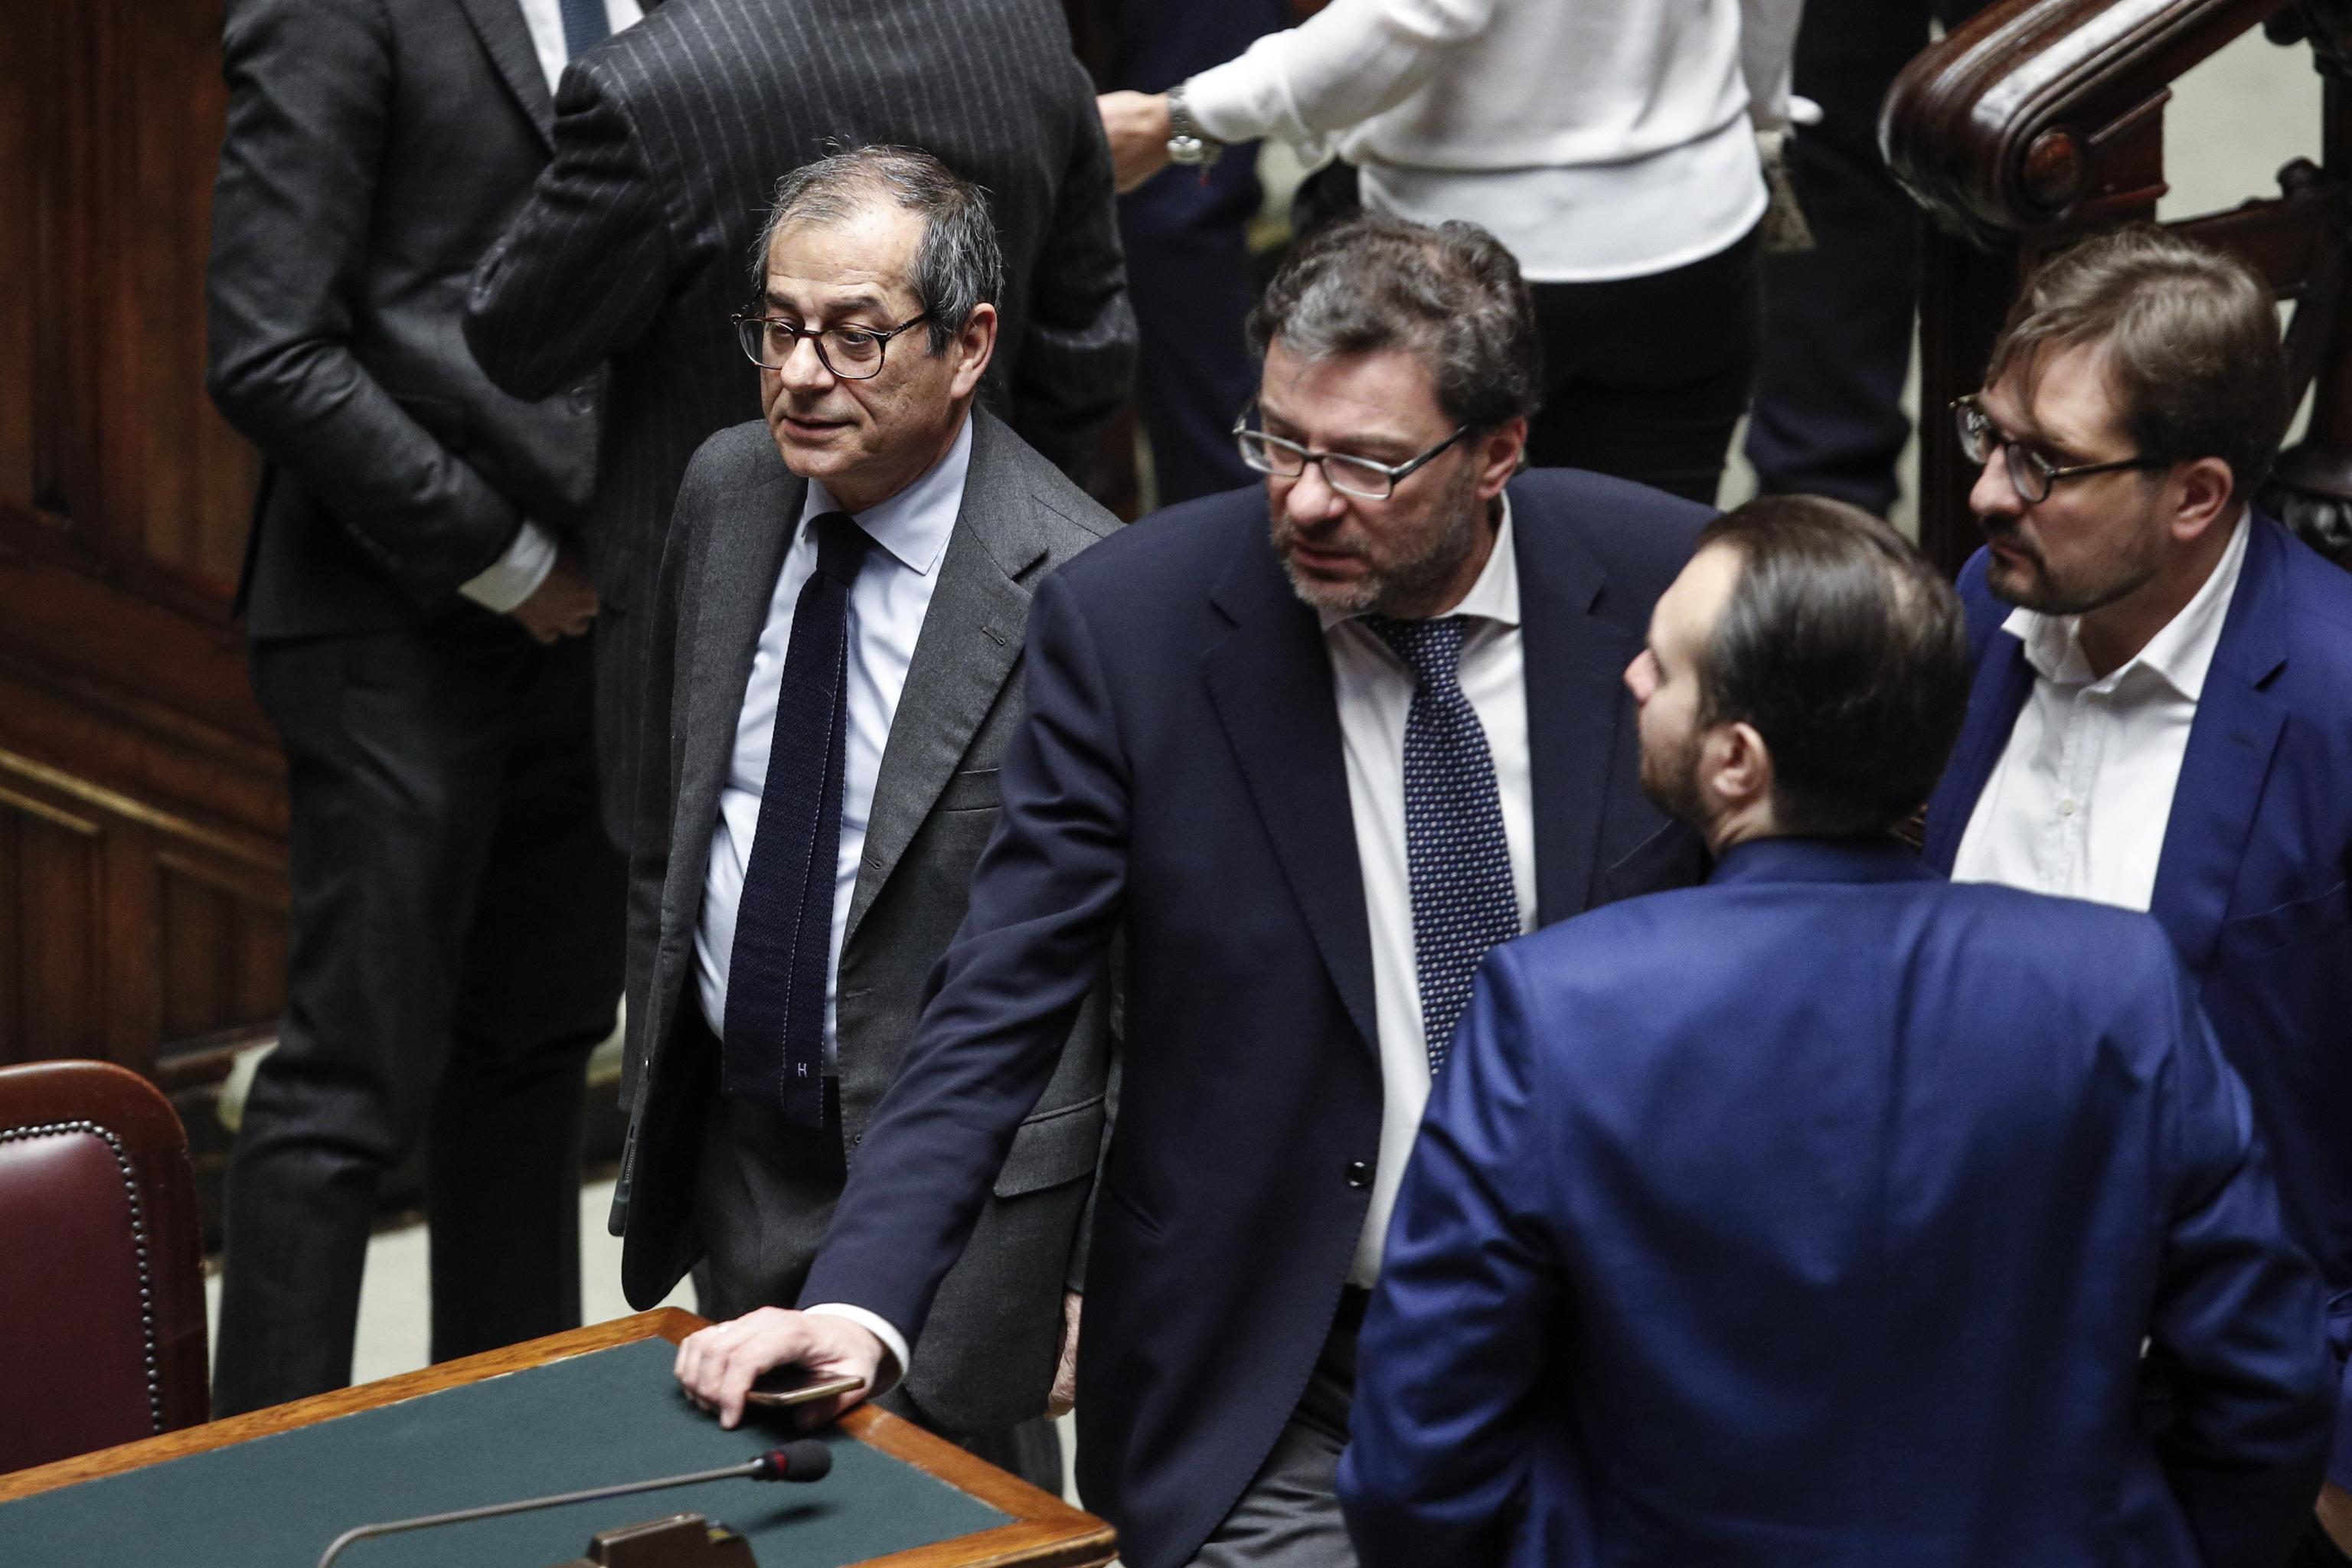 Manovra, bagarre alla Camera: Fico sospende la seduta